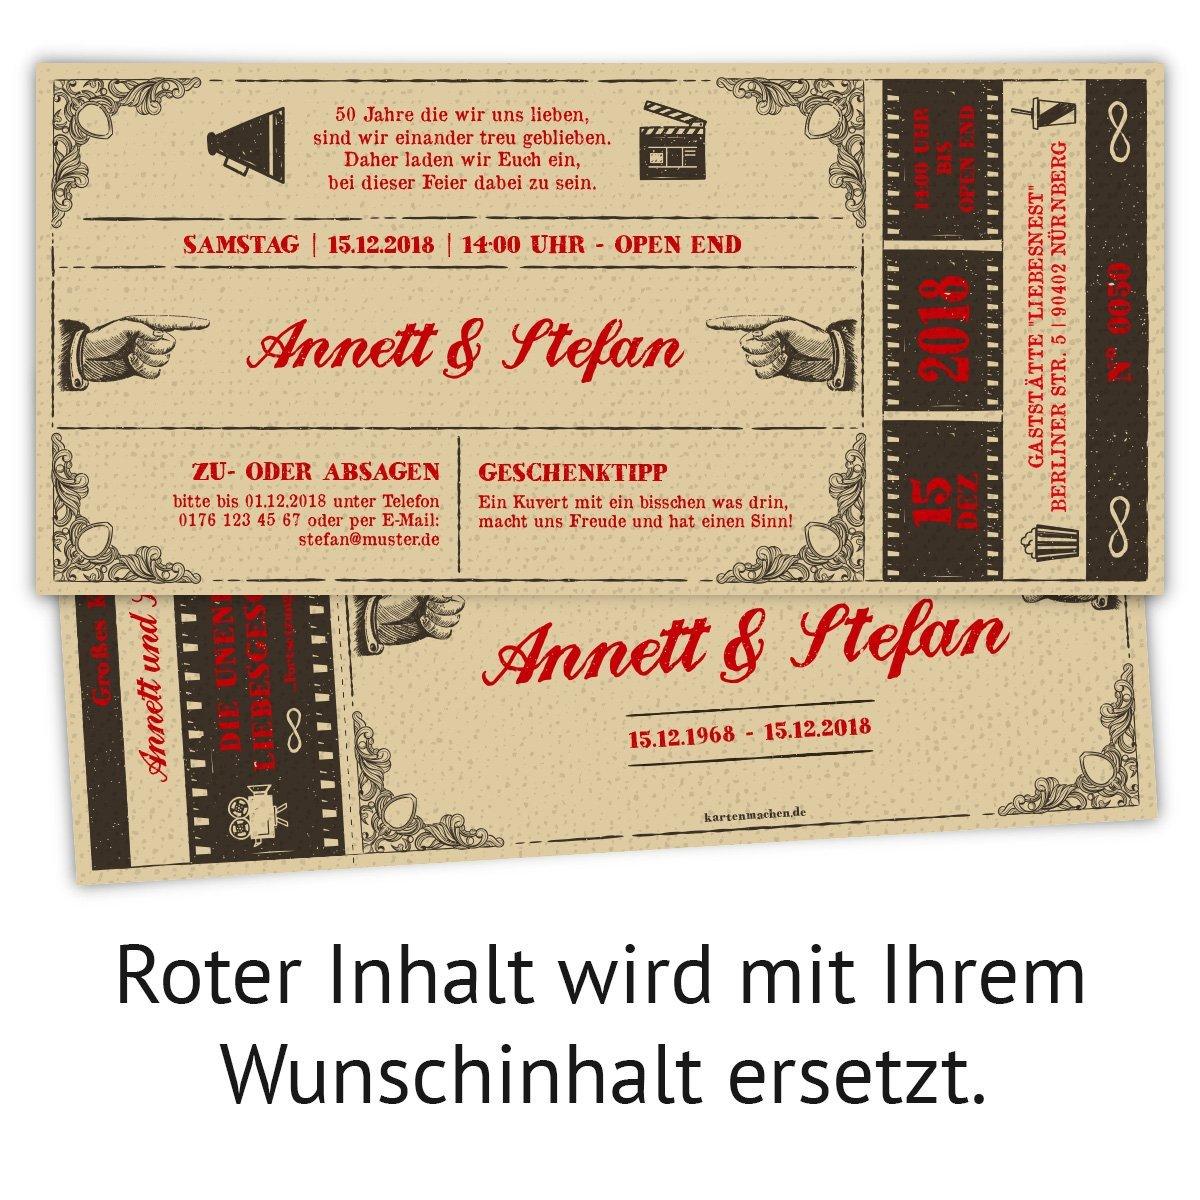 100 x Hochzeitseinladungen Goldhochzeit Goldene Hochzeit Einladung - Vintage Vintage Vintage Kinoticket B07G2L6DL4 | Elegant  | Charmantes Design  | Elegant und feierlich  82854e